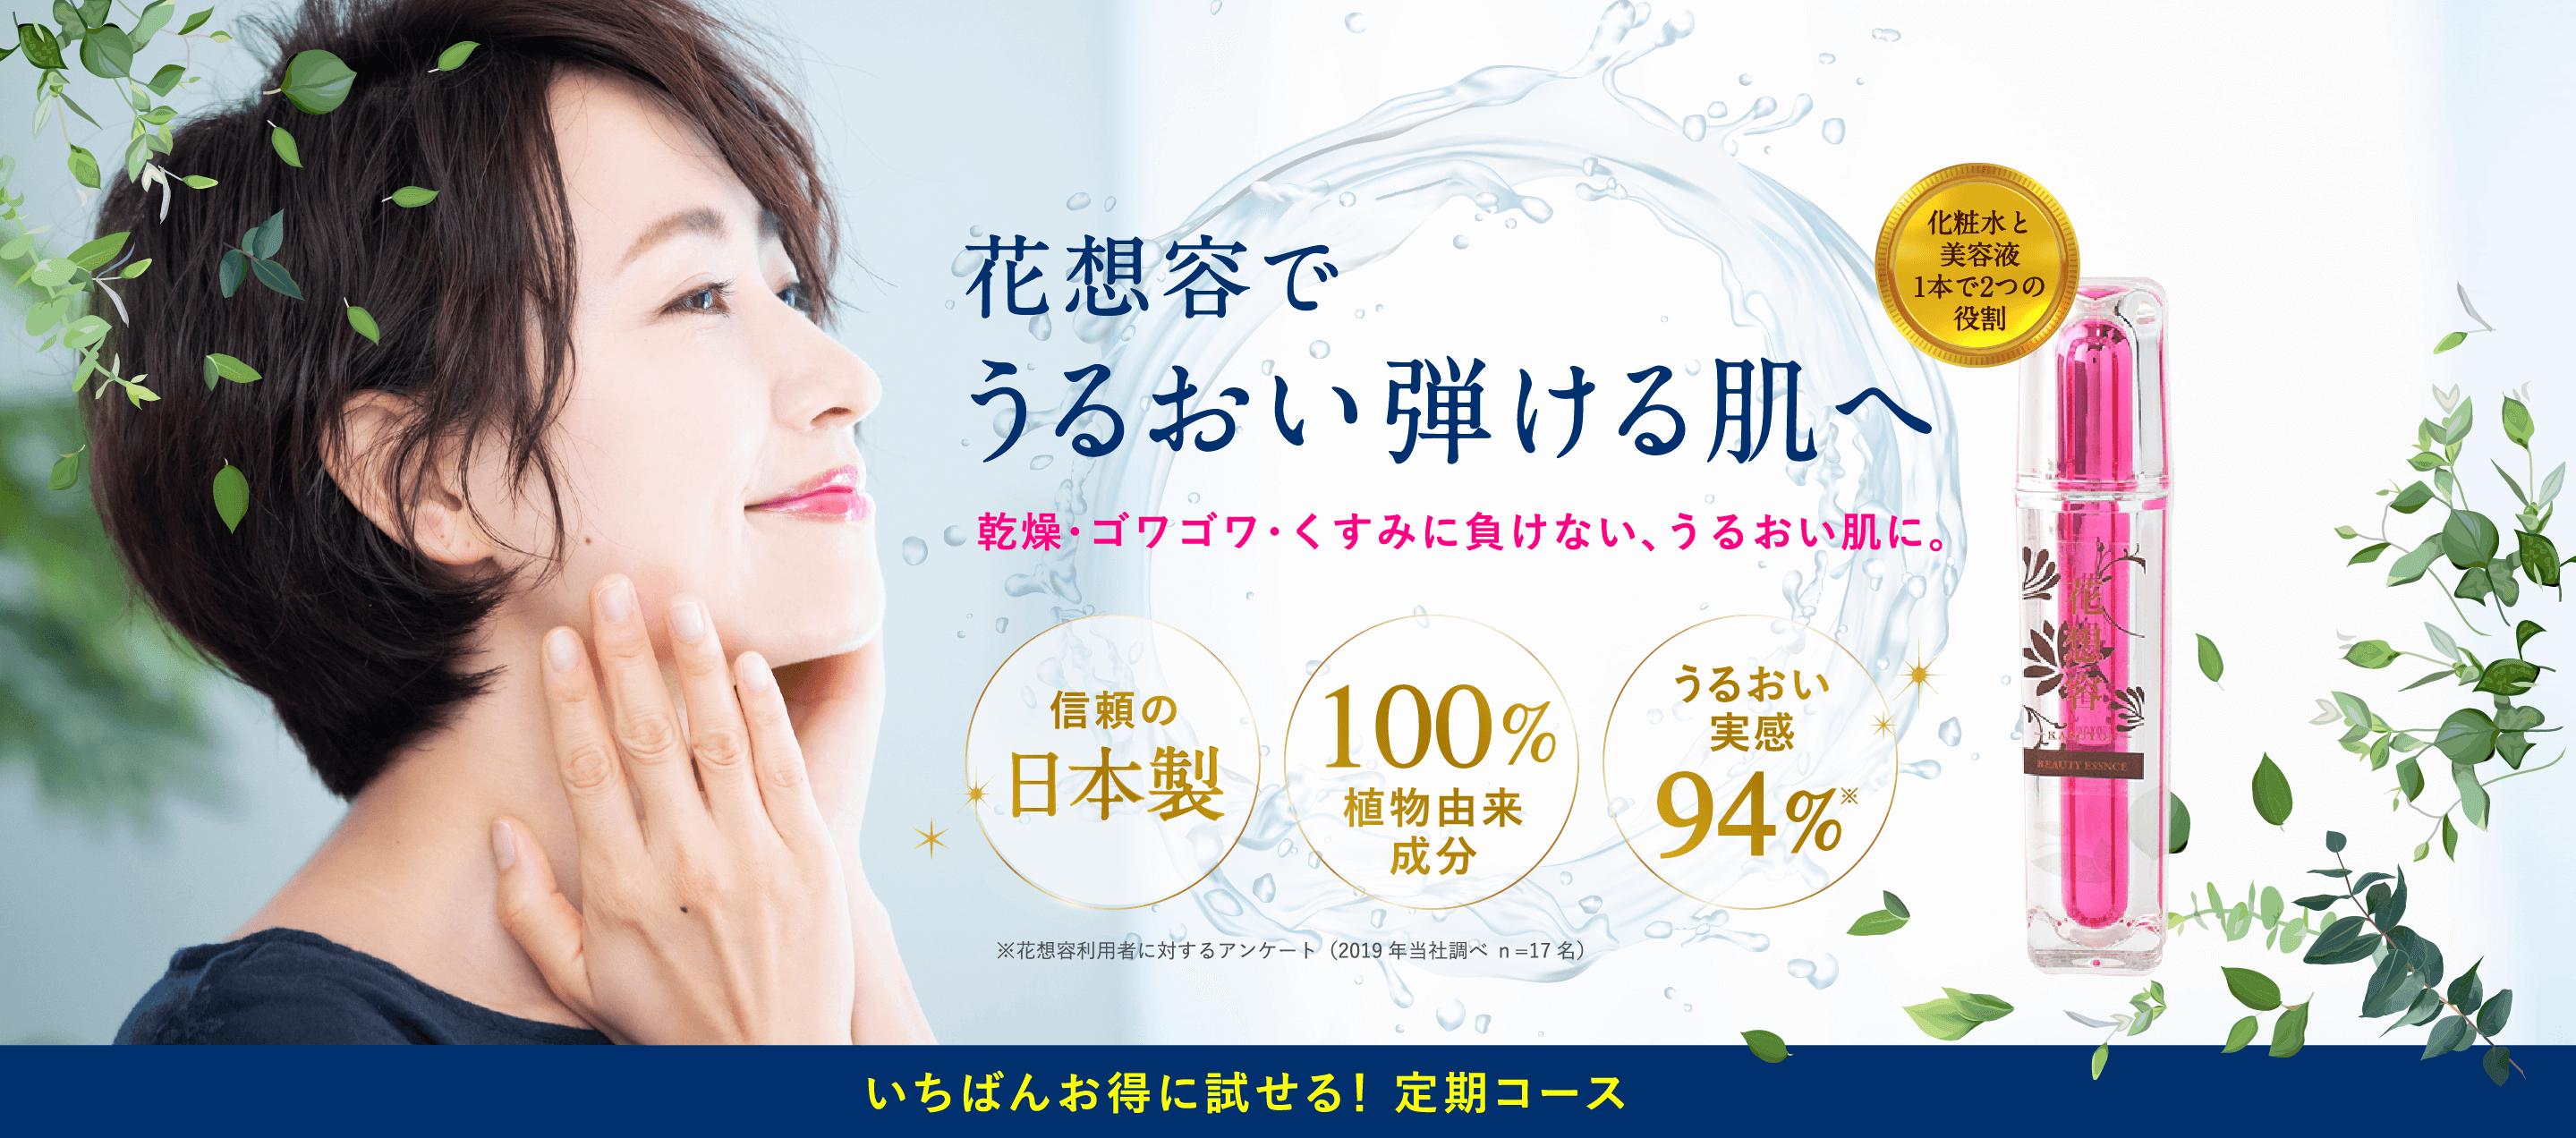 花想容で、うるおい弾ける肌へ。乾燥・ゴワゴワ・くすみに負けない、うるおい肌に。信頼の日本製。100%植物由来成分。うるおい実感94%。※花想容利用者に対するアンケート(2019年当社調べ n=17名)。いちばんお得に試せる!定期コース。化粧水と美容液1本で2つの役割。